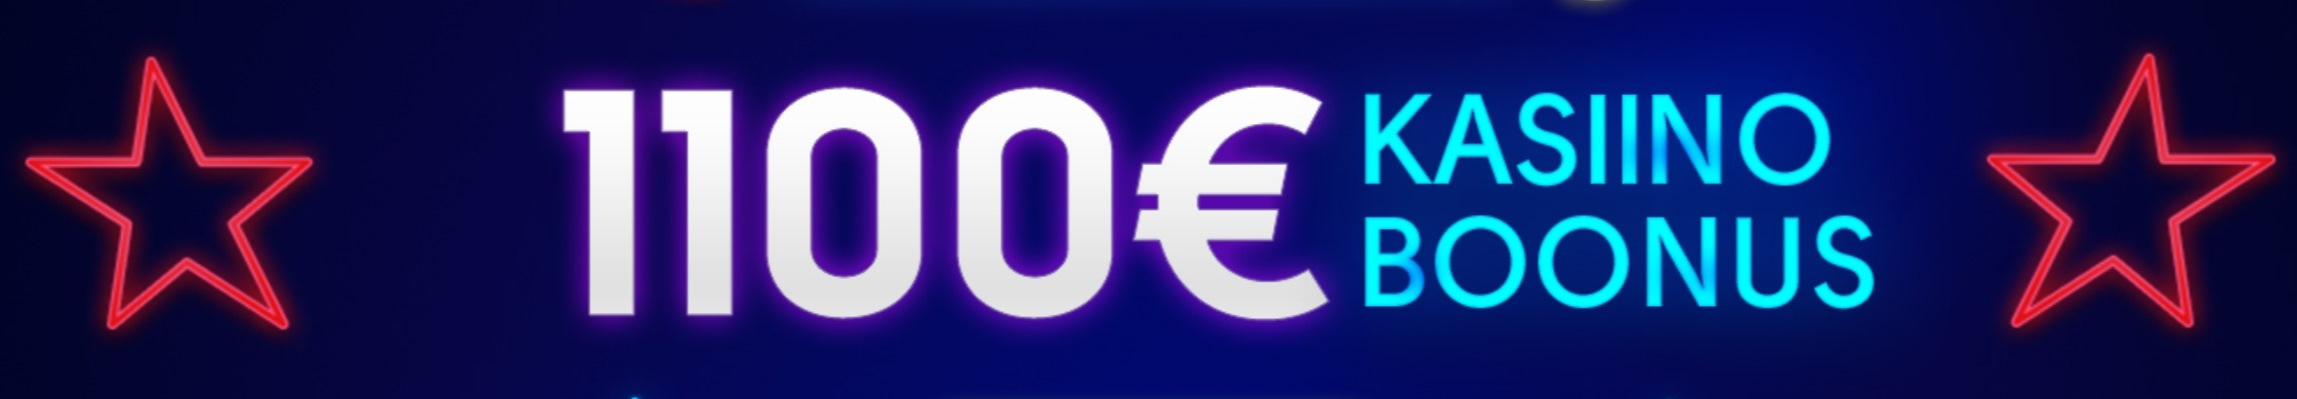 Võrratu 1100 eurot uue mängija boonus OlyBetis